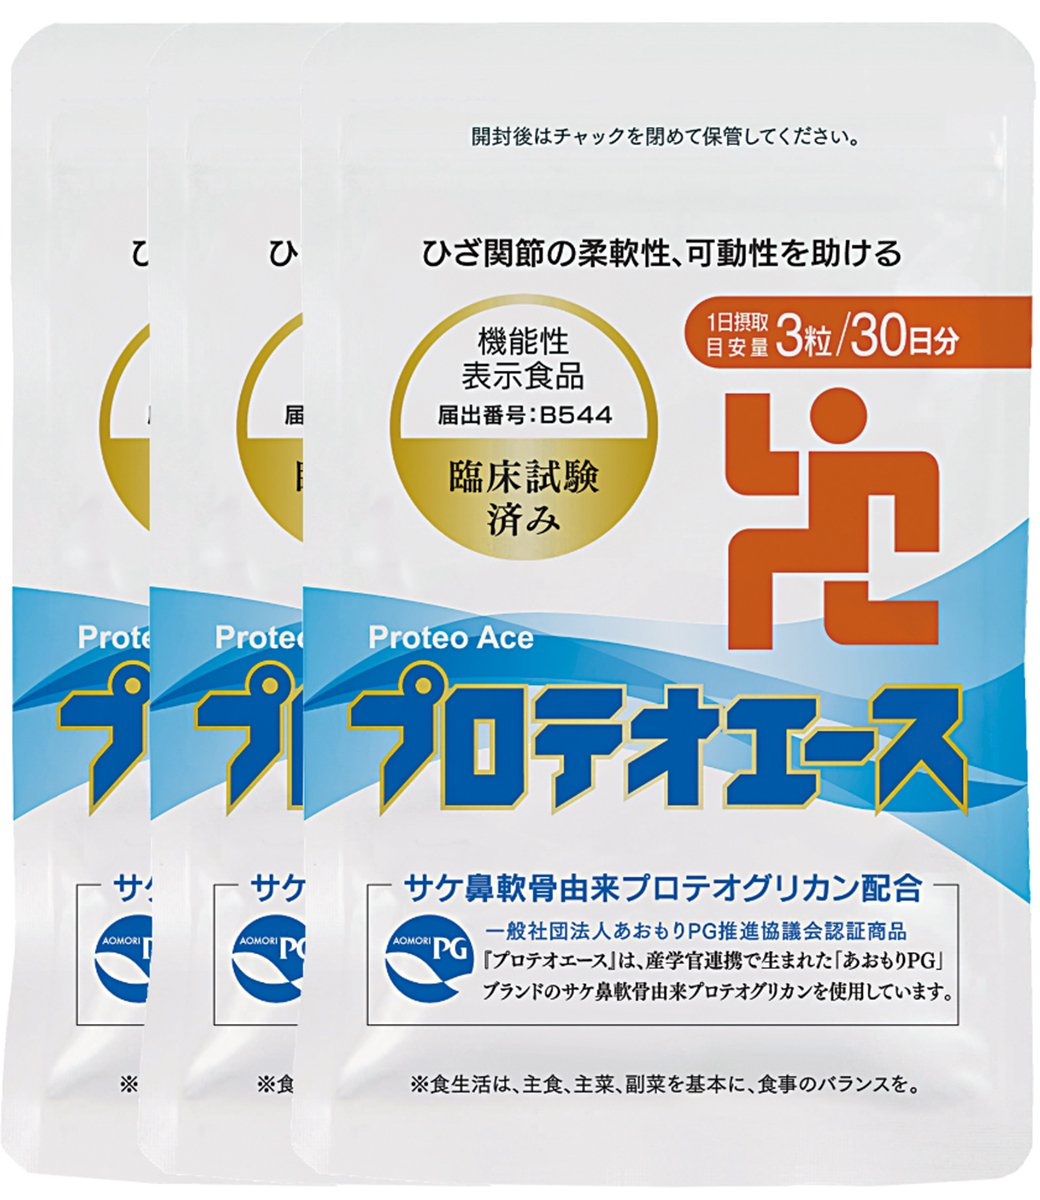 すこやか笑顔 プロテオエース【機能性表示食品】90粒×3袋セット B07B8M9W85